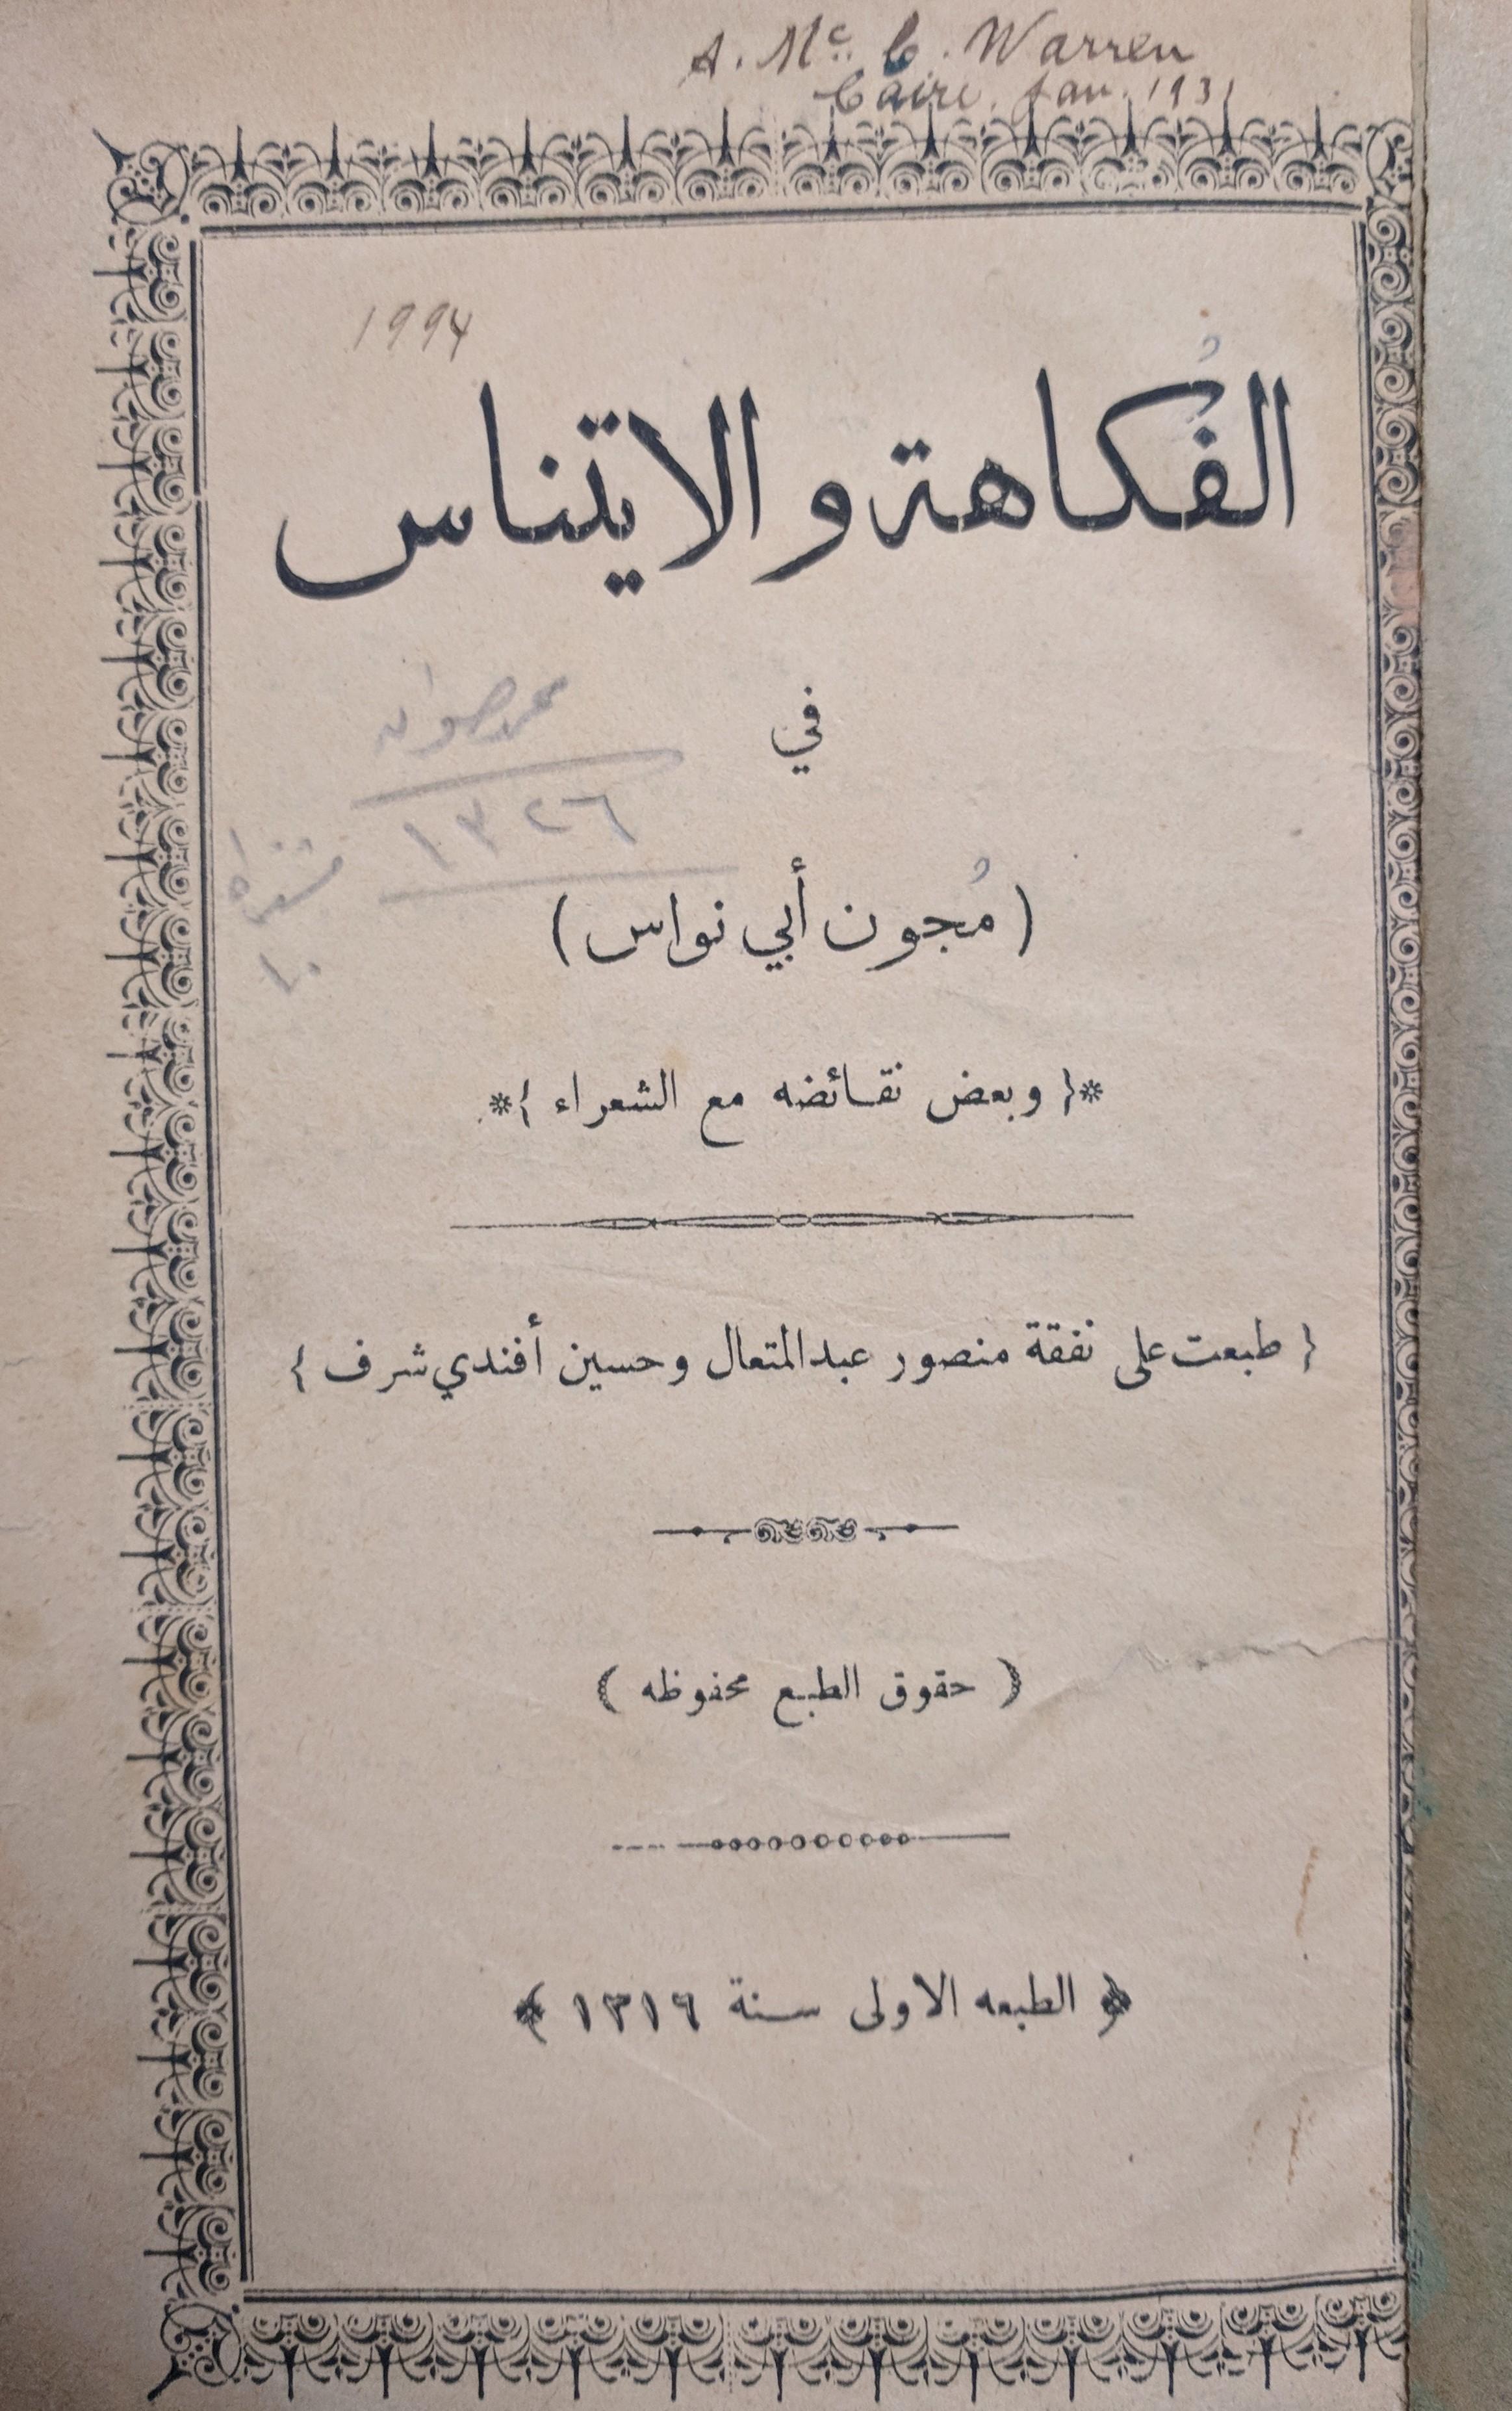 al-Fukāhah wa-l-ītinās fī mujūn Abī Nuwās wa-baʻḍ naqā'iḍihi maʻa al-shuʻarā' ( [Cairo]: M. ʻAbd al-Mutaʻāl wa-Ḥ. A. Sharaf, 1316 [1898 or 1899])